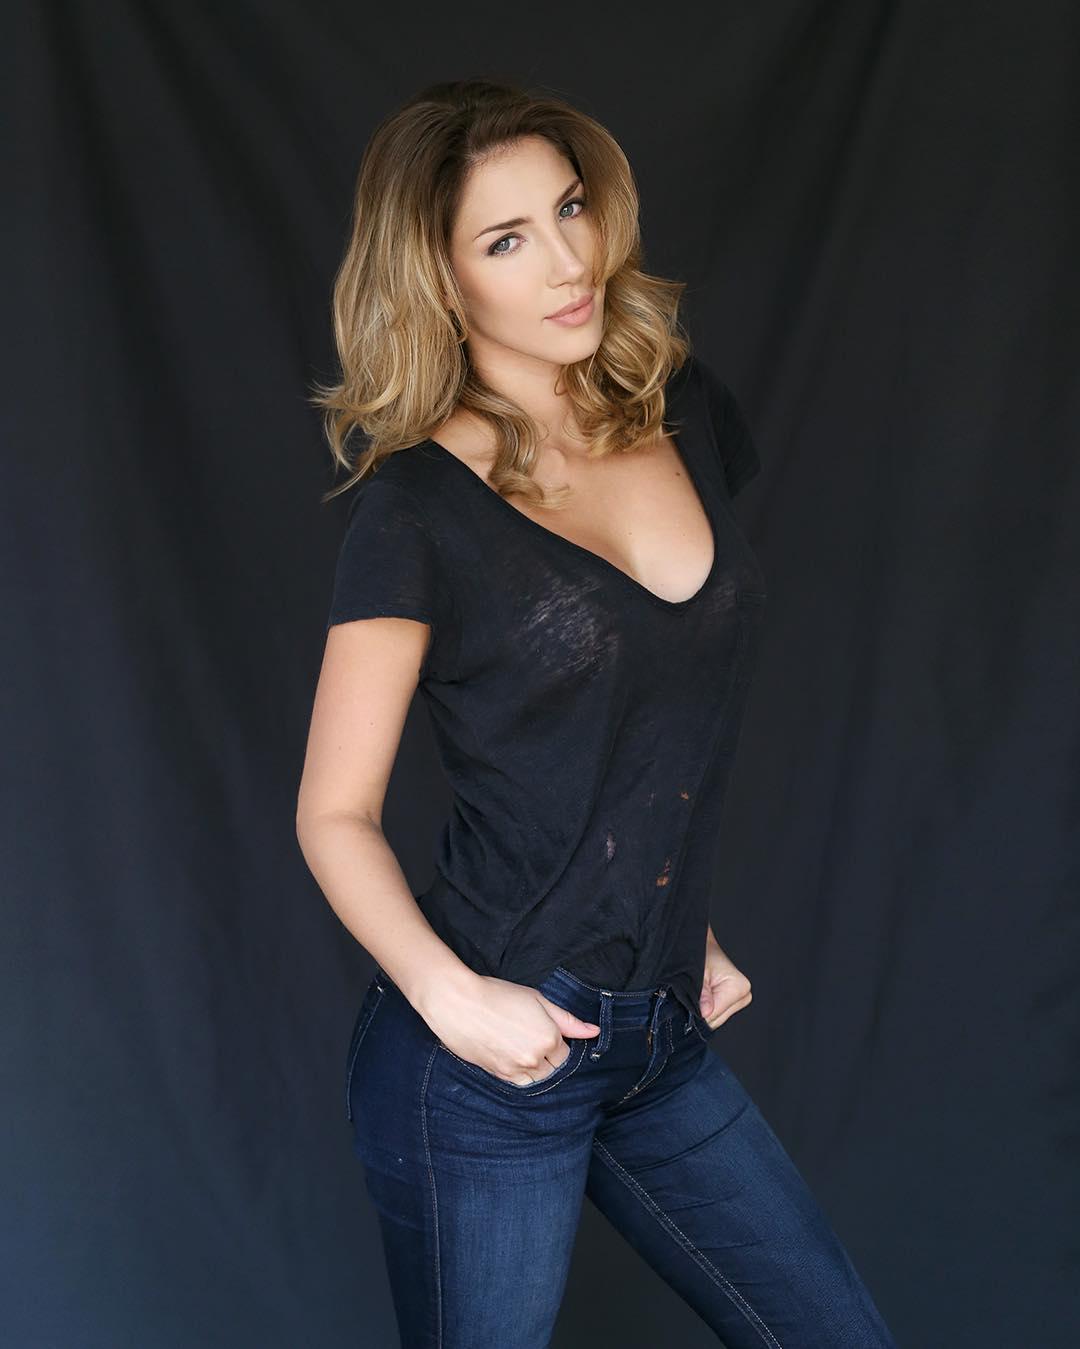 Ana Lucia Blaksley Nude Photos 4